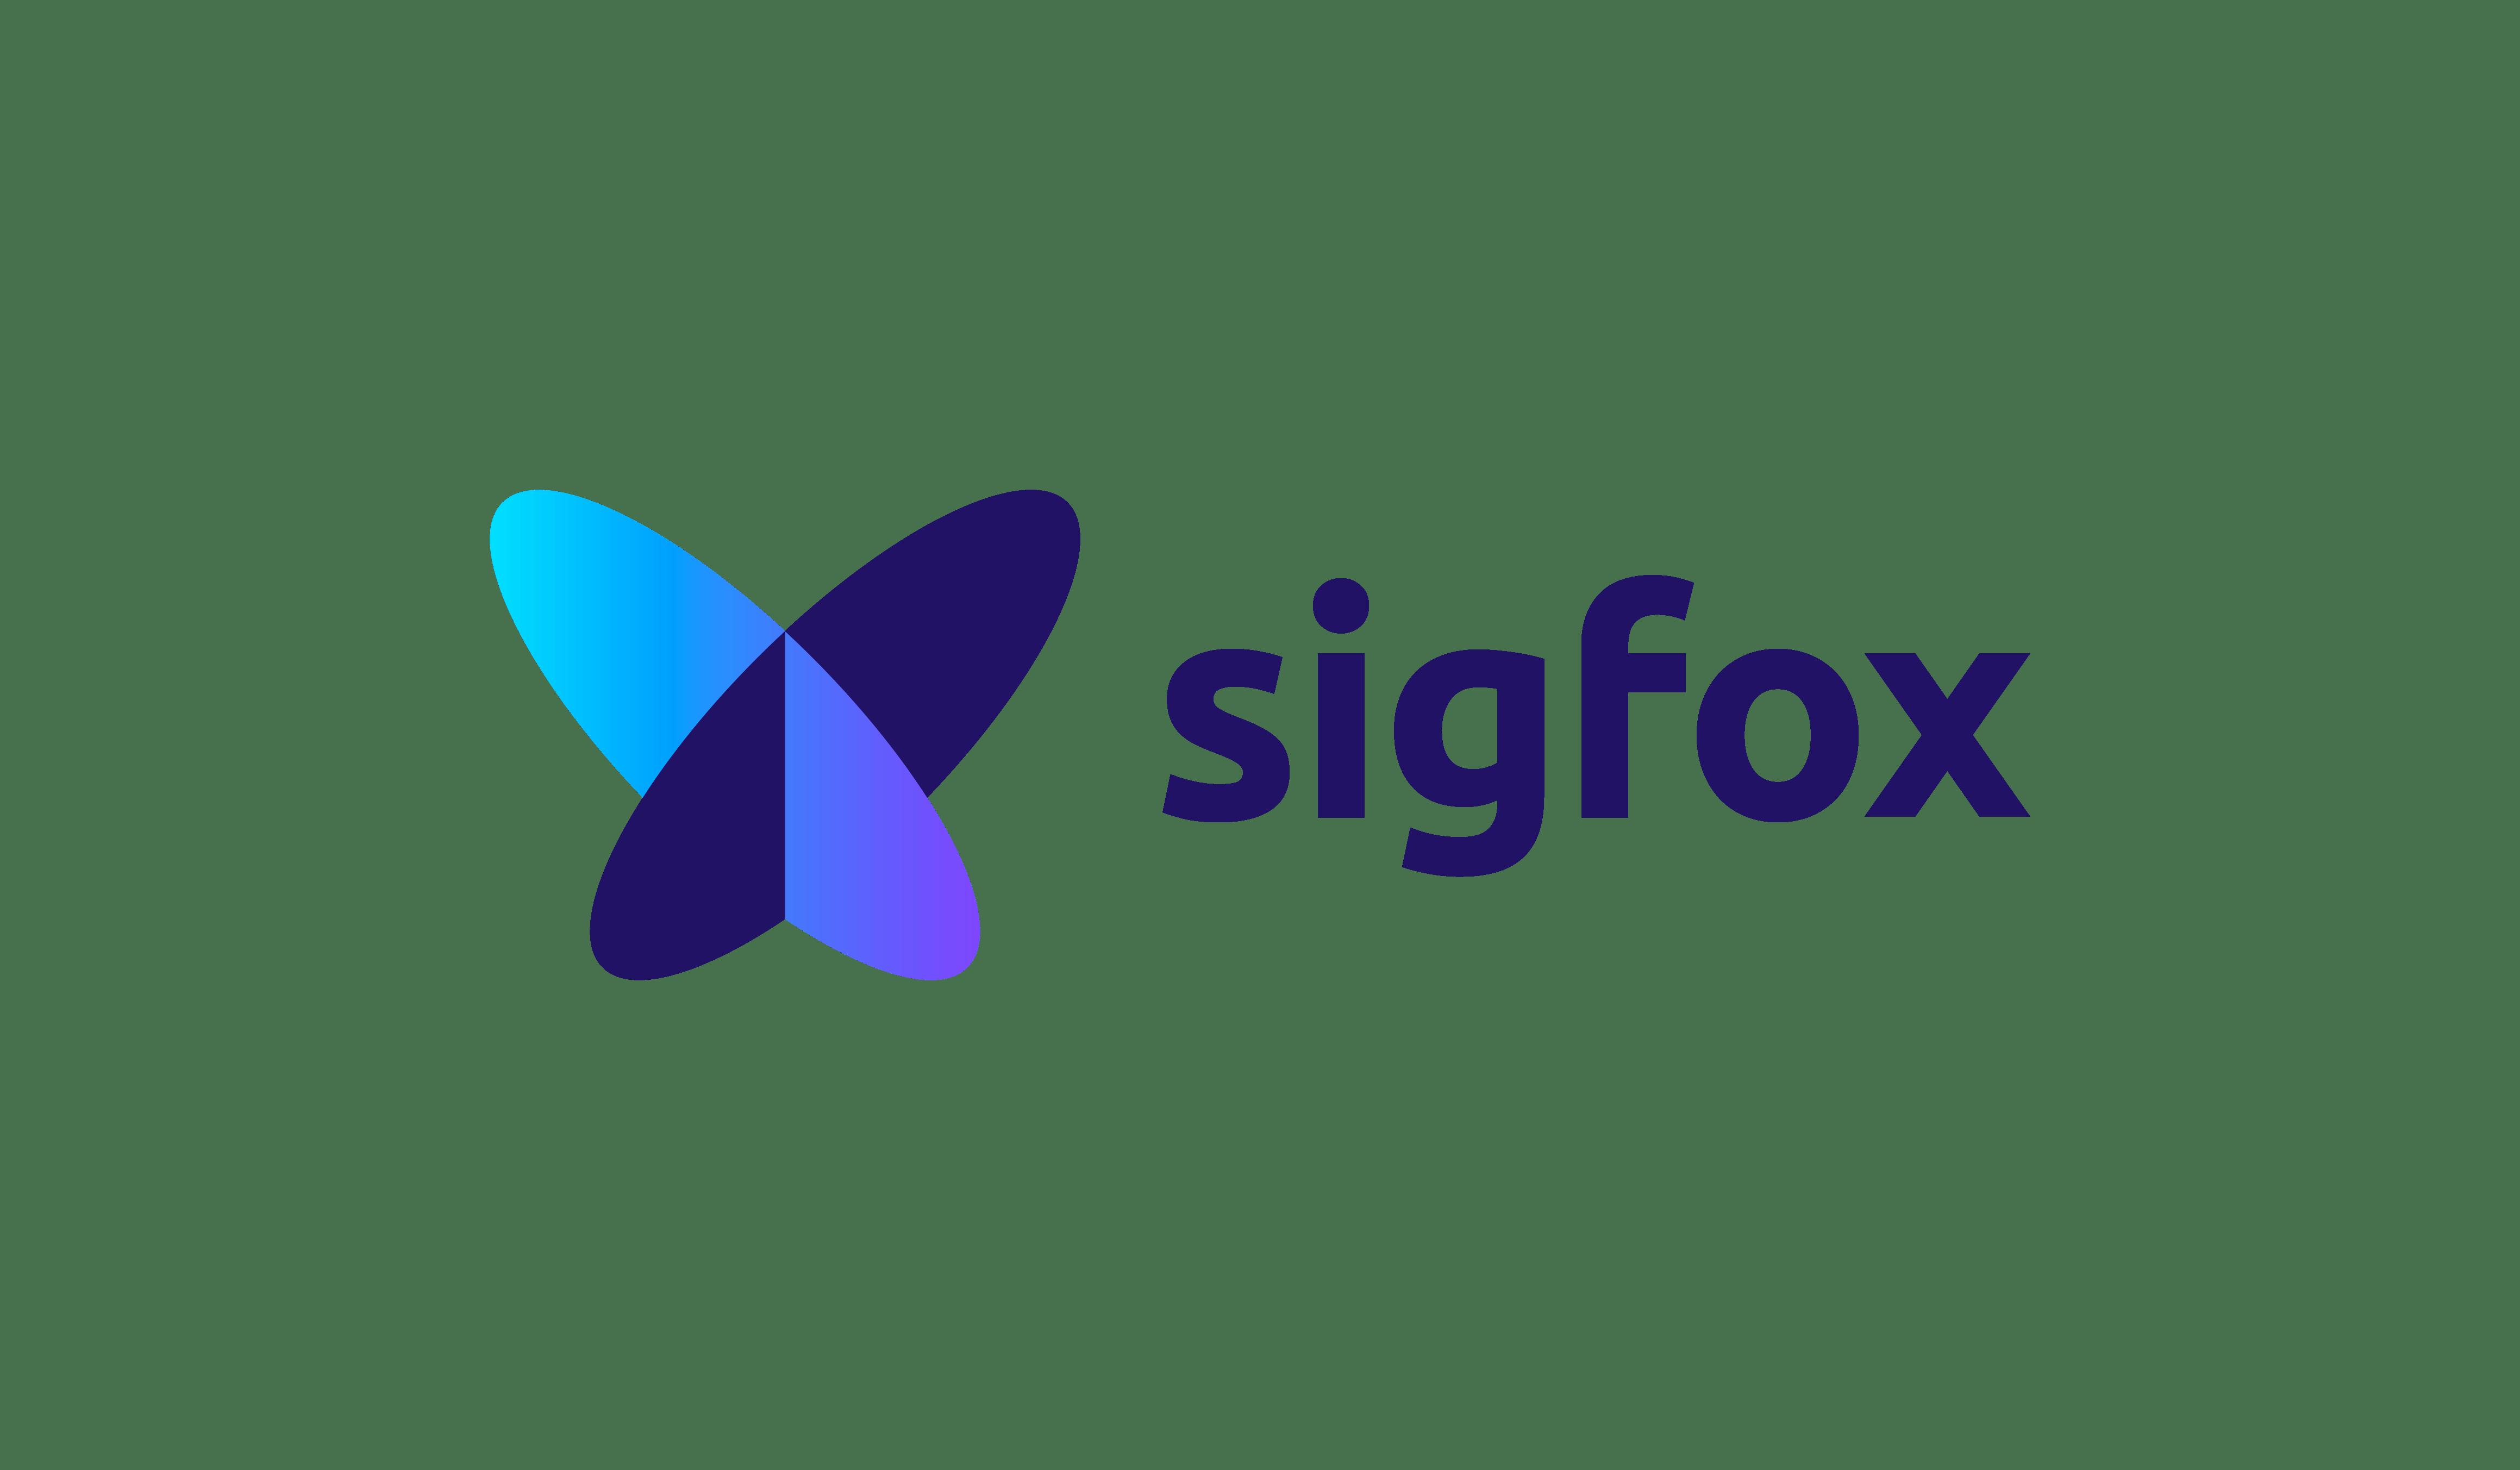 Sigfox logo rgb j7ilnvhq6o